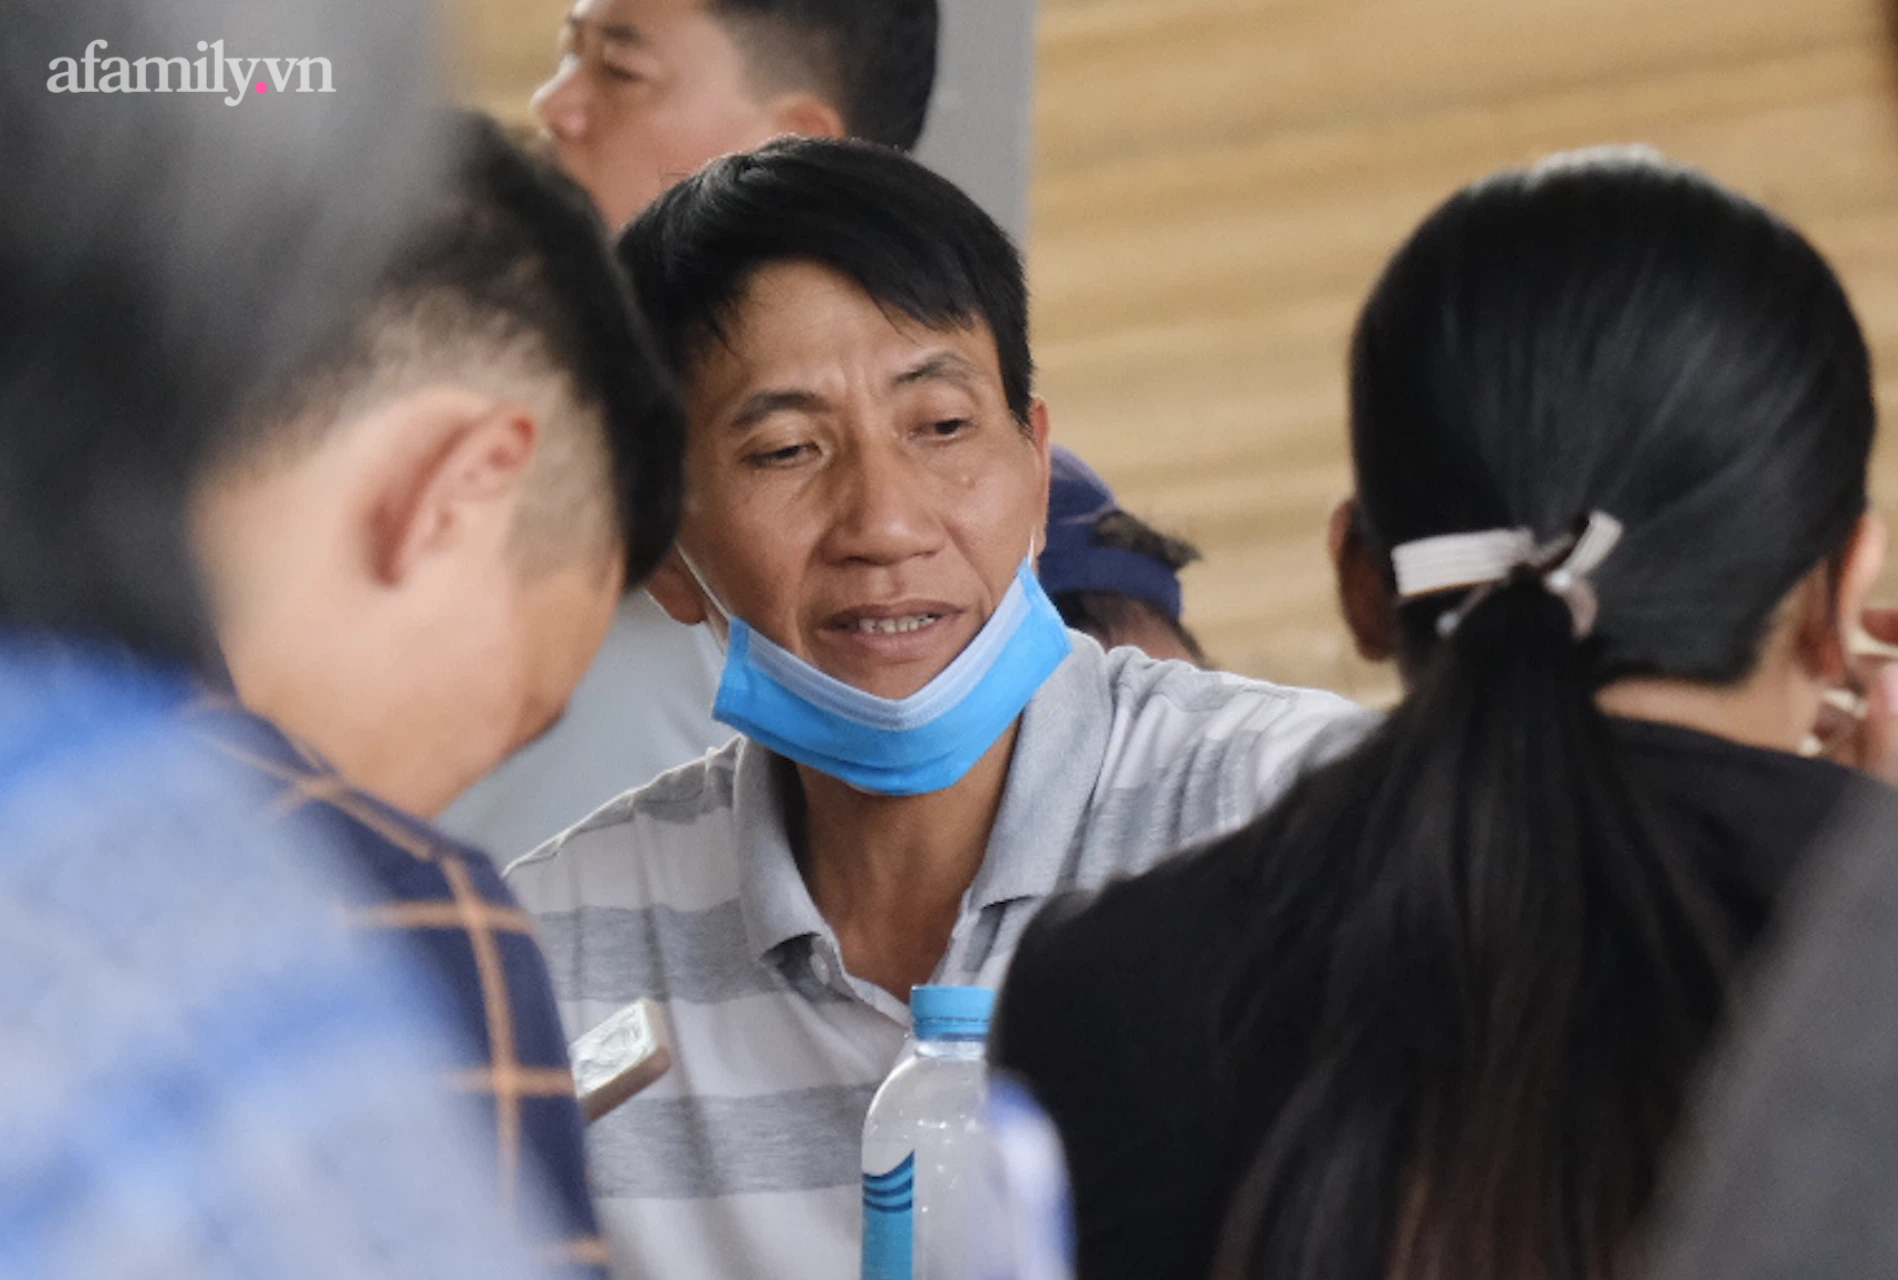 Đau xót cảnh quan tài 6 nạn nhân vụ cháy kinh hoàng ở TP Thủ Đức được chở về, người thân không đứng vững  - Ảnh 4.